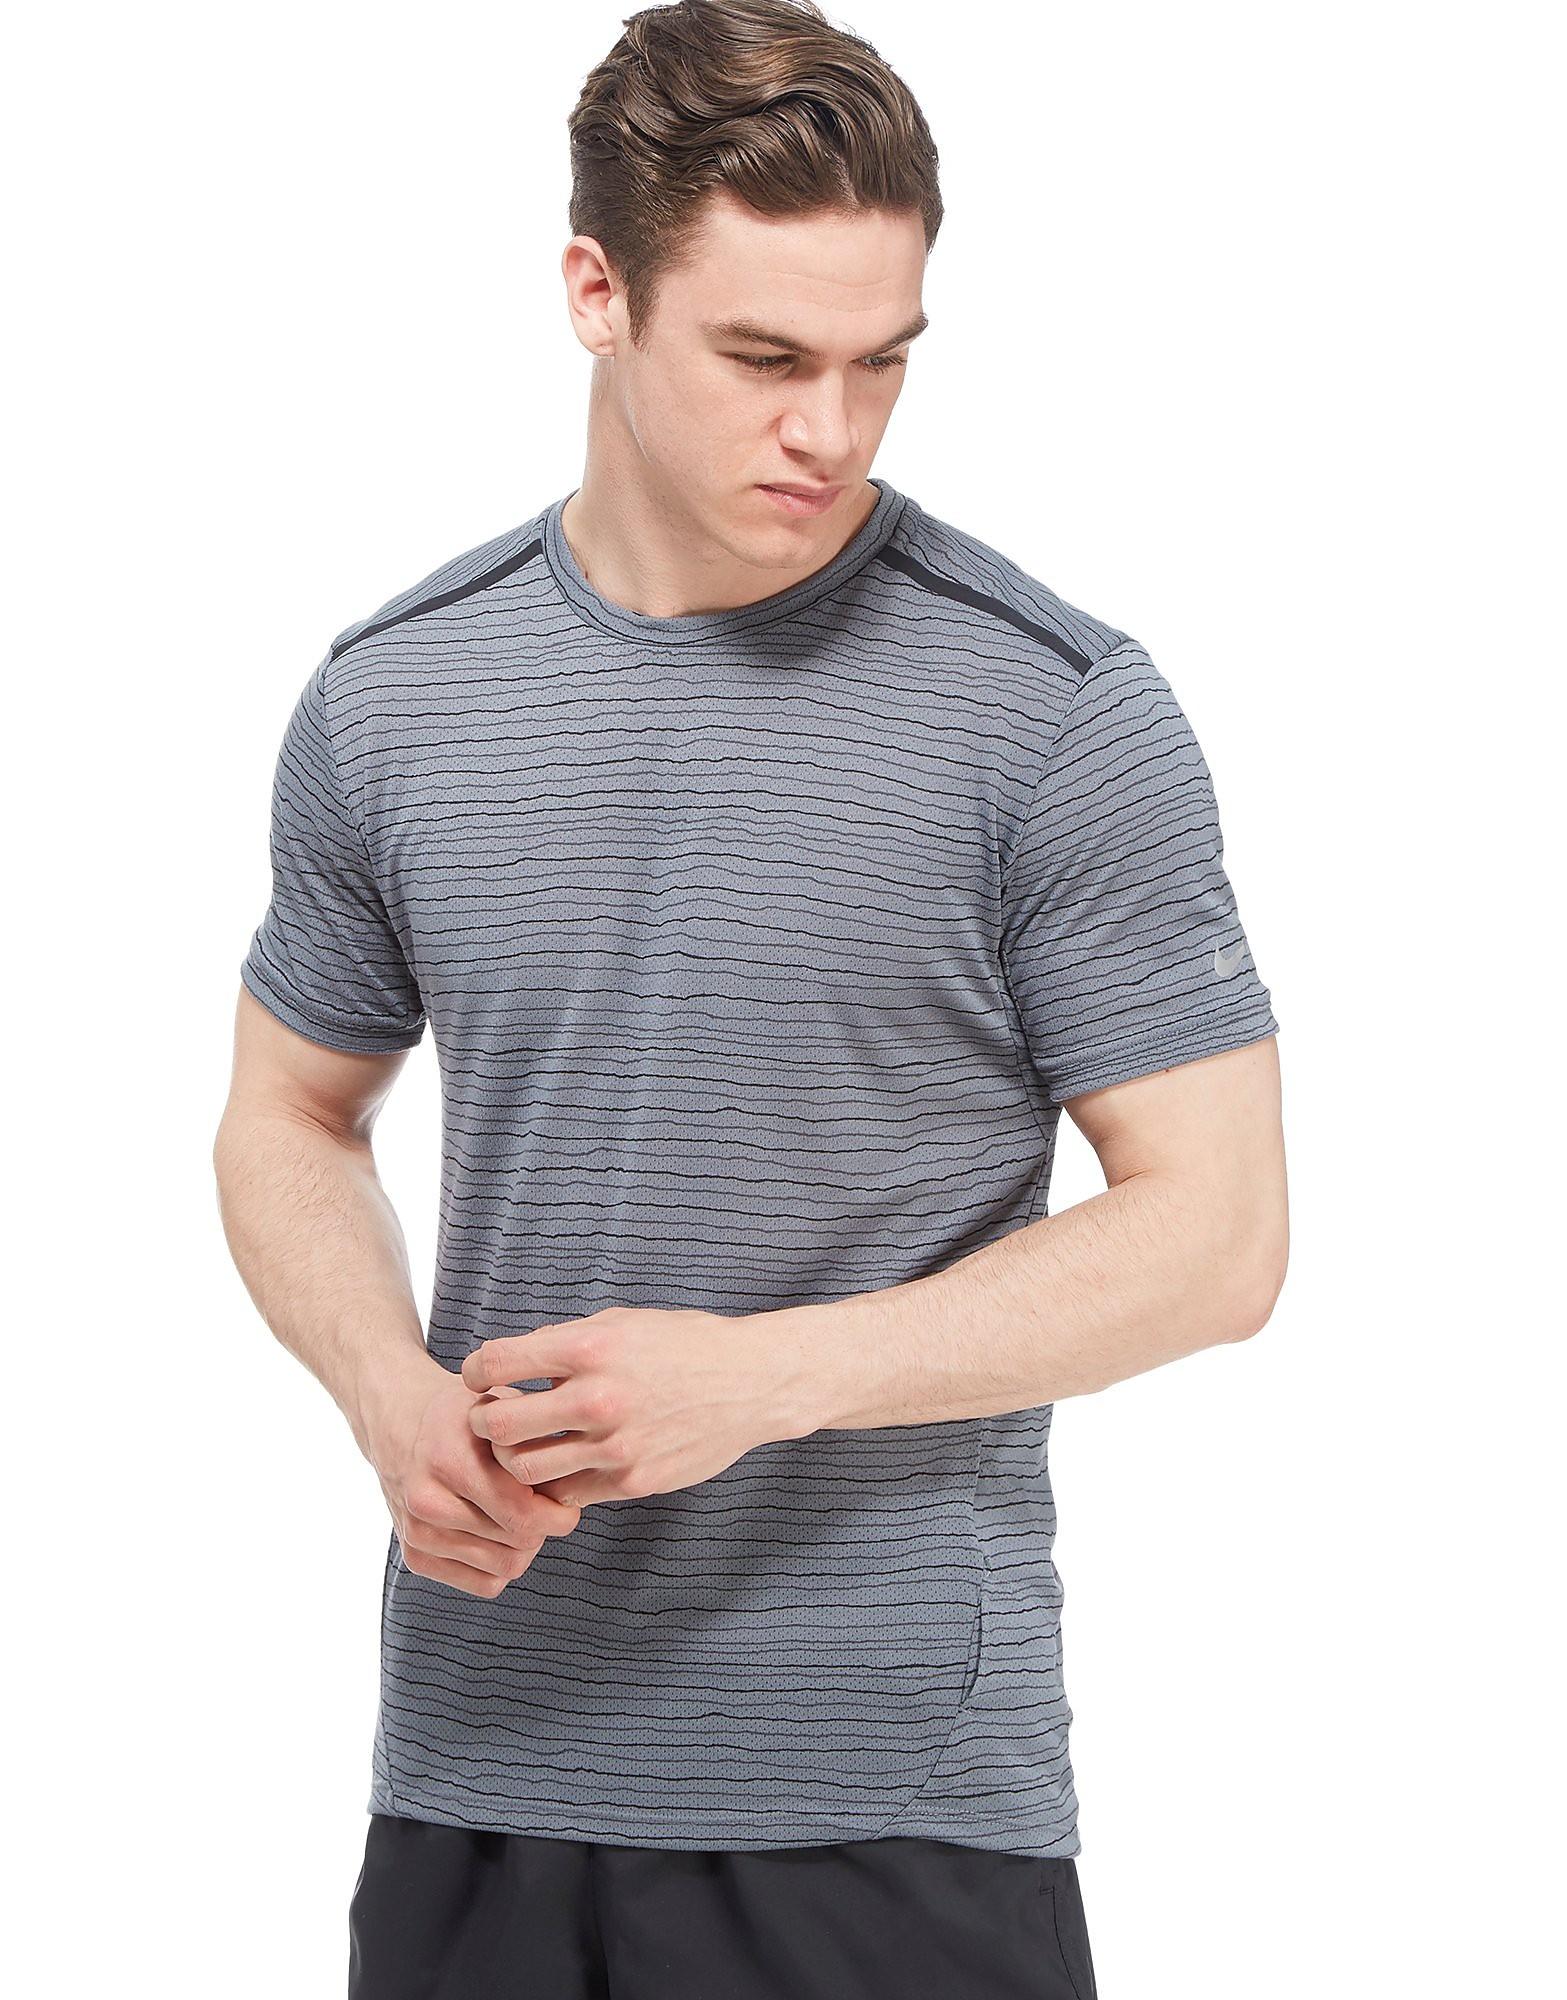 Nike Dri-FIT Cool Tailwind Stripe T-Shirt